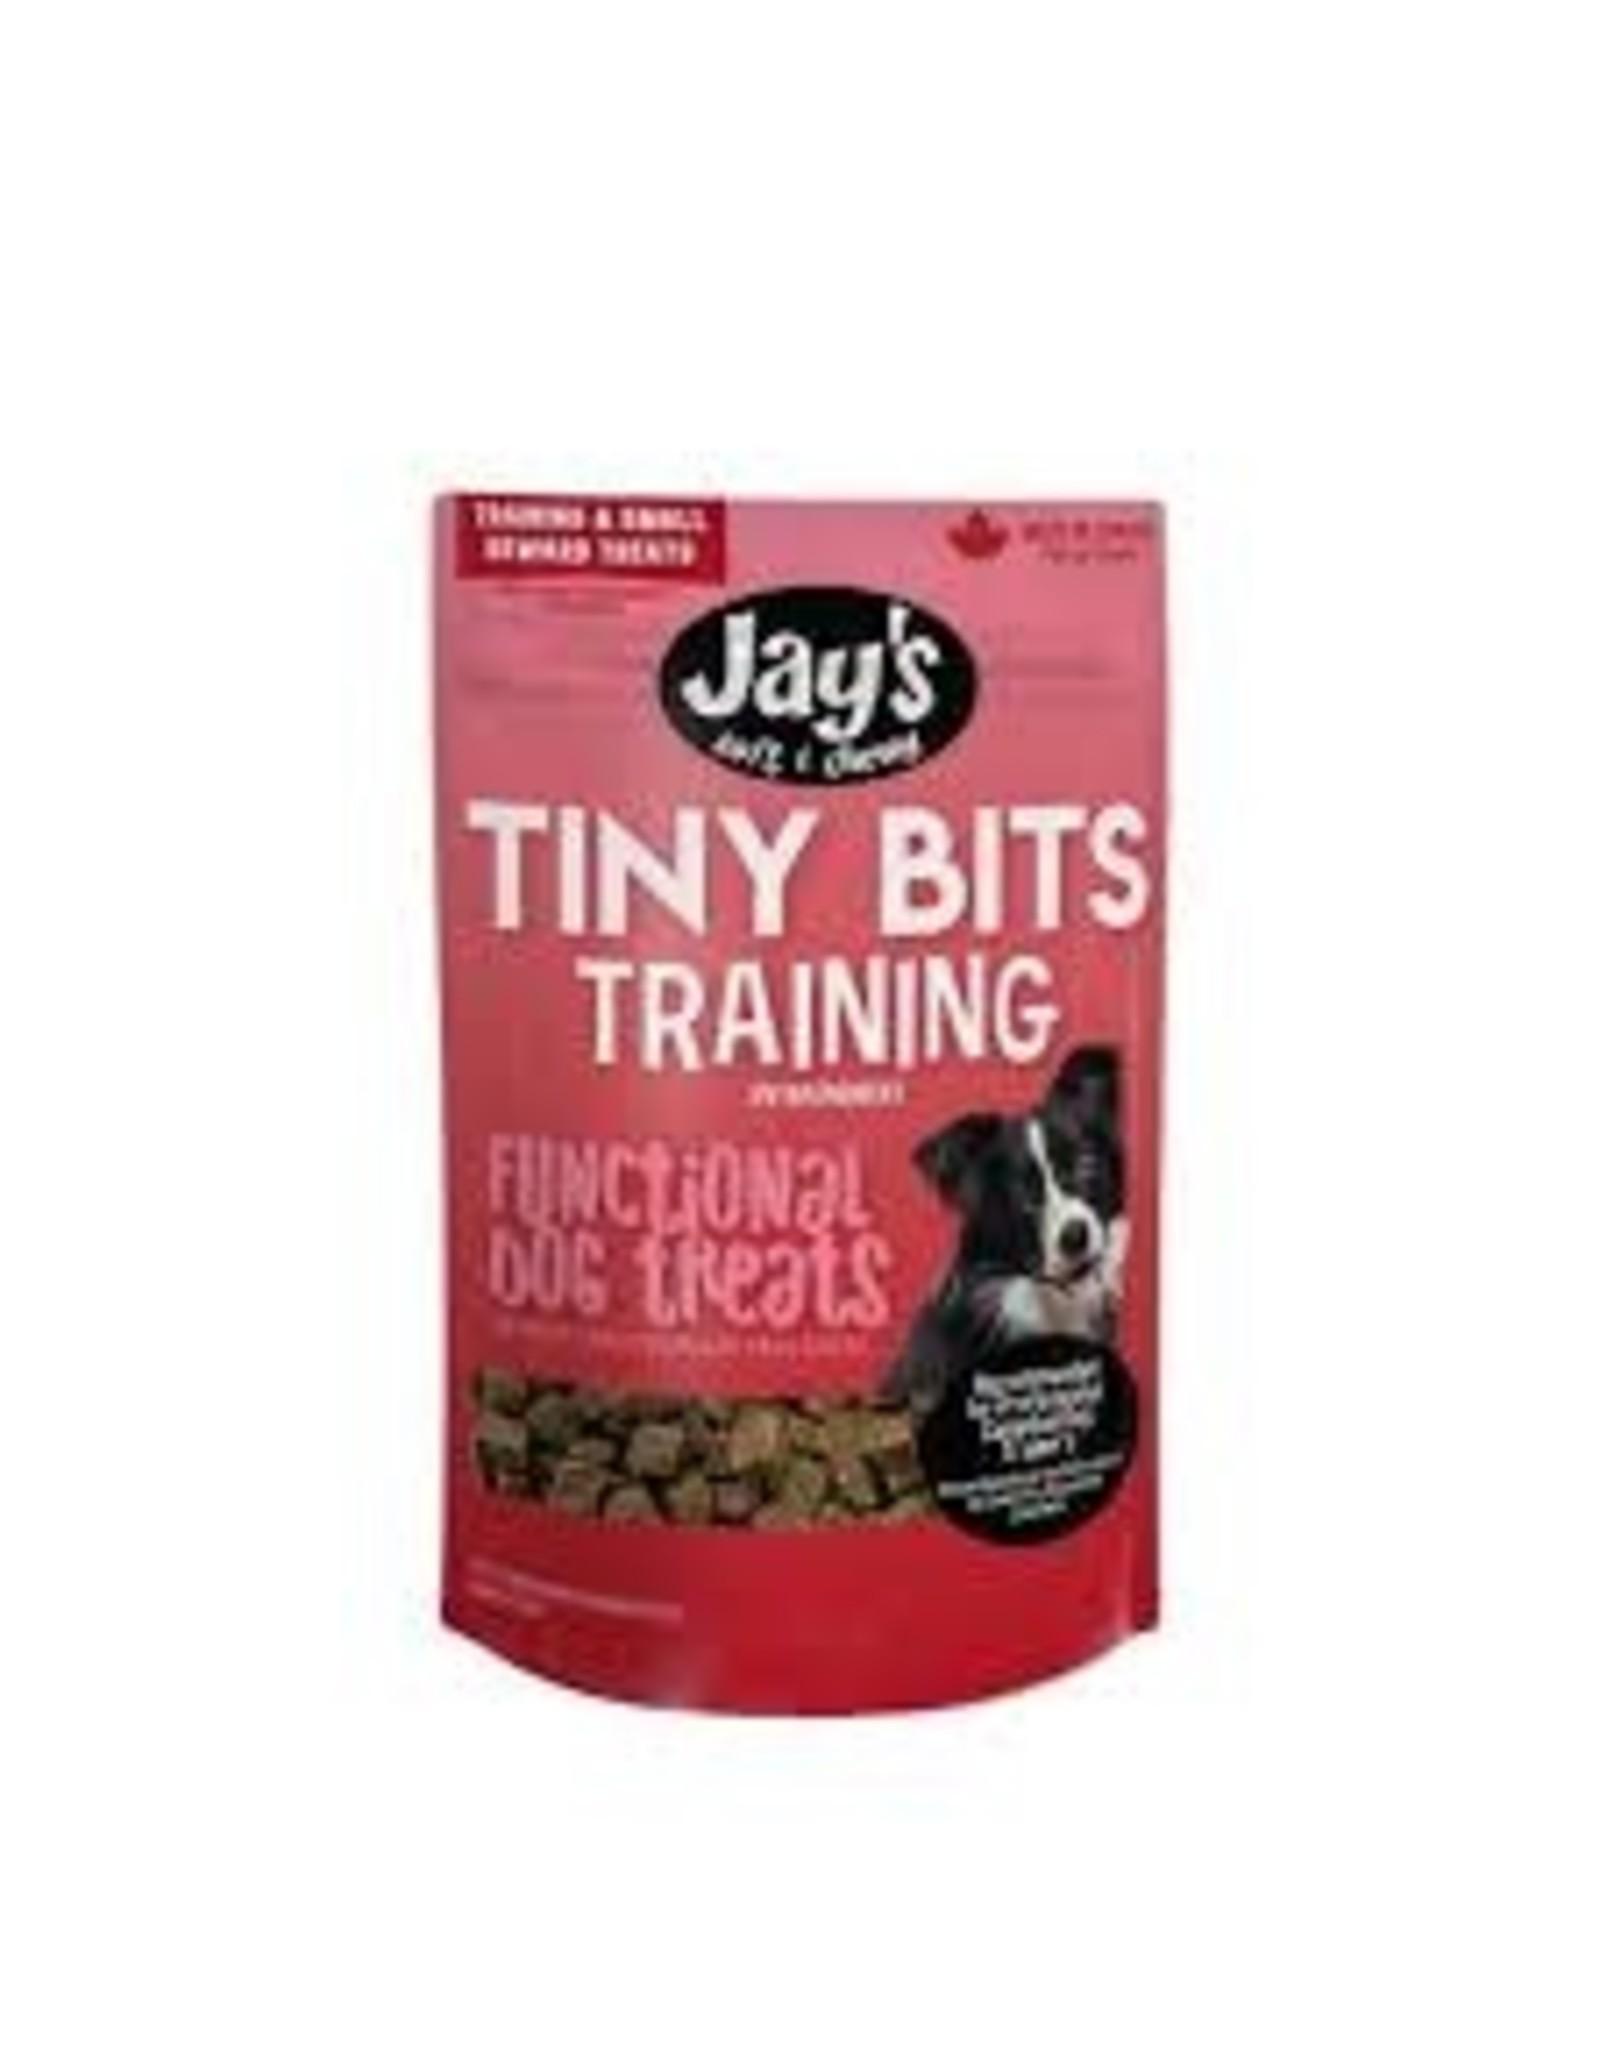 Jay's Jay's - Tiny Bits Training Treat 200g